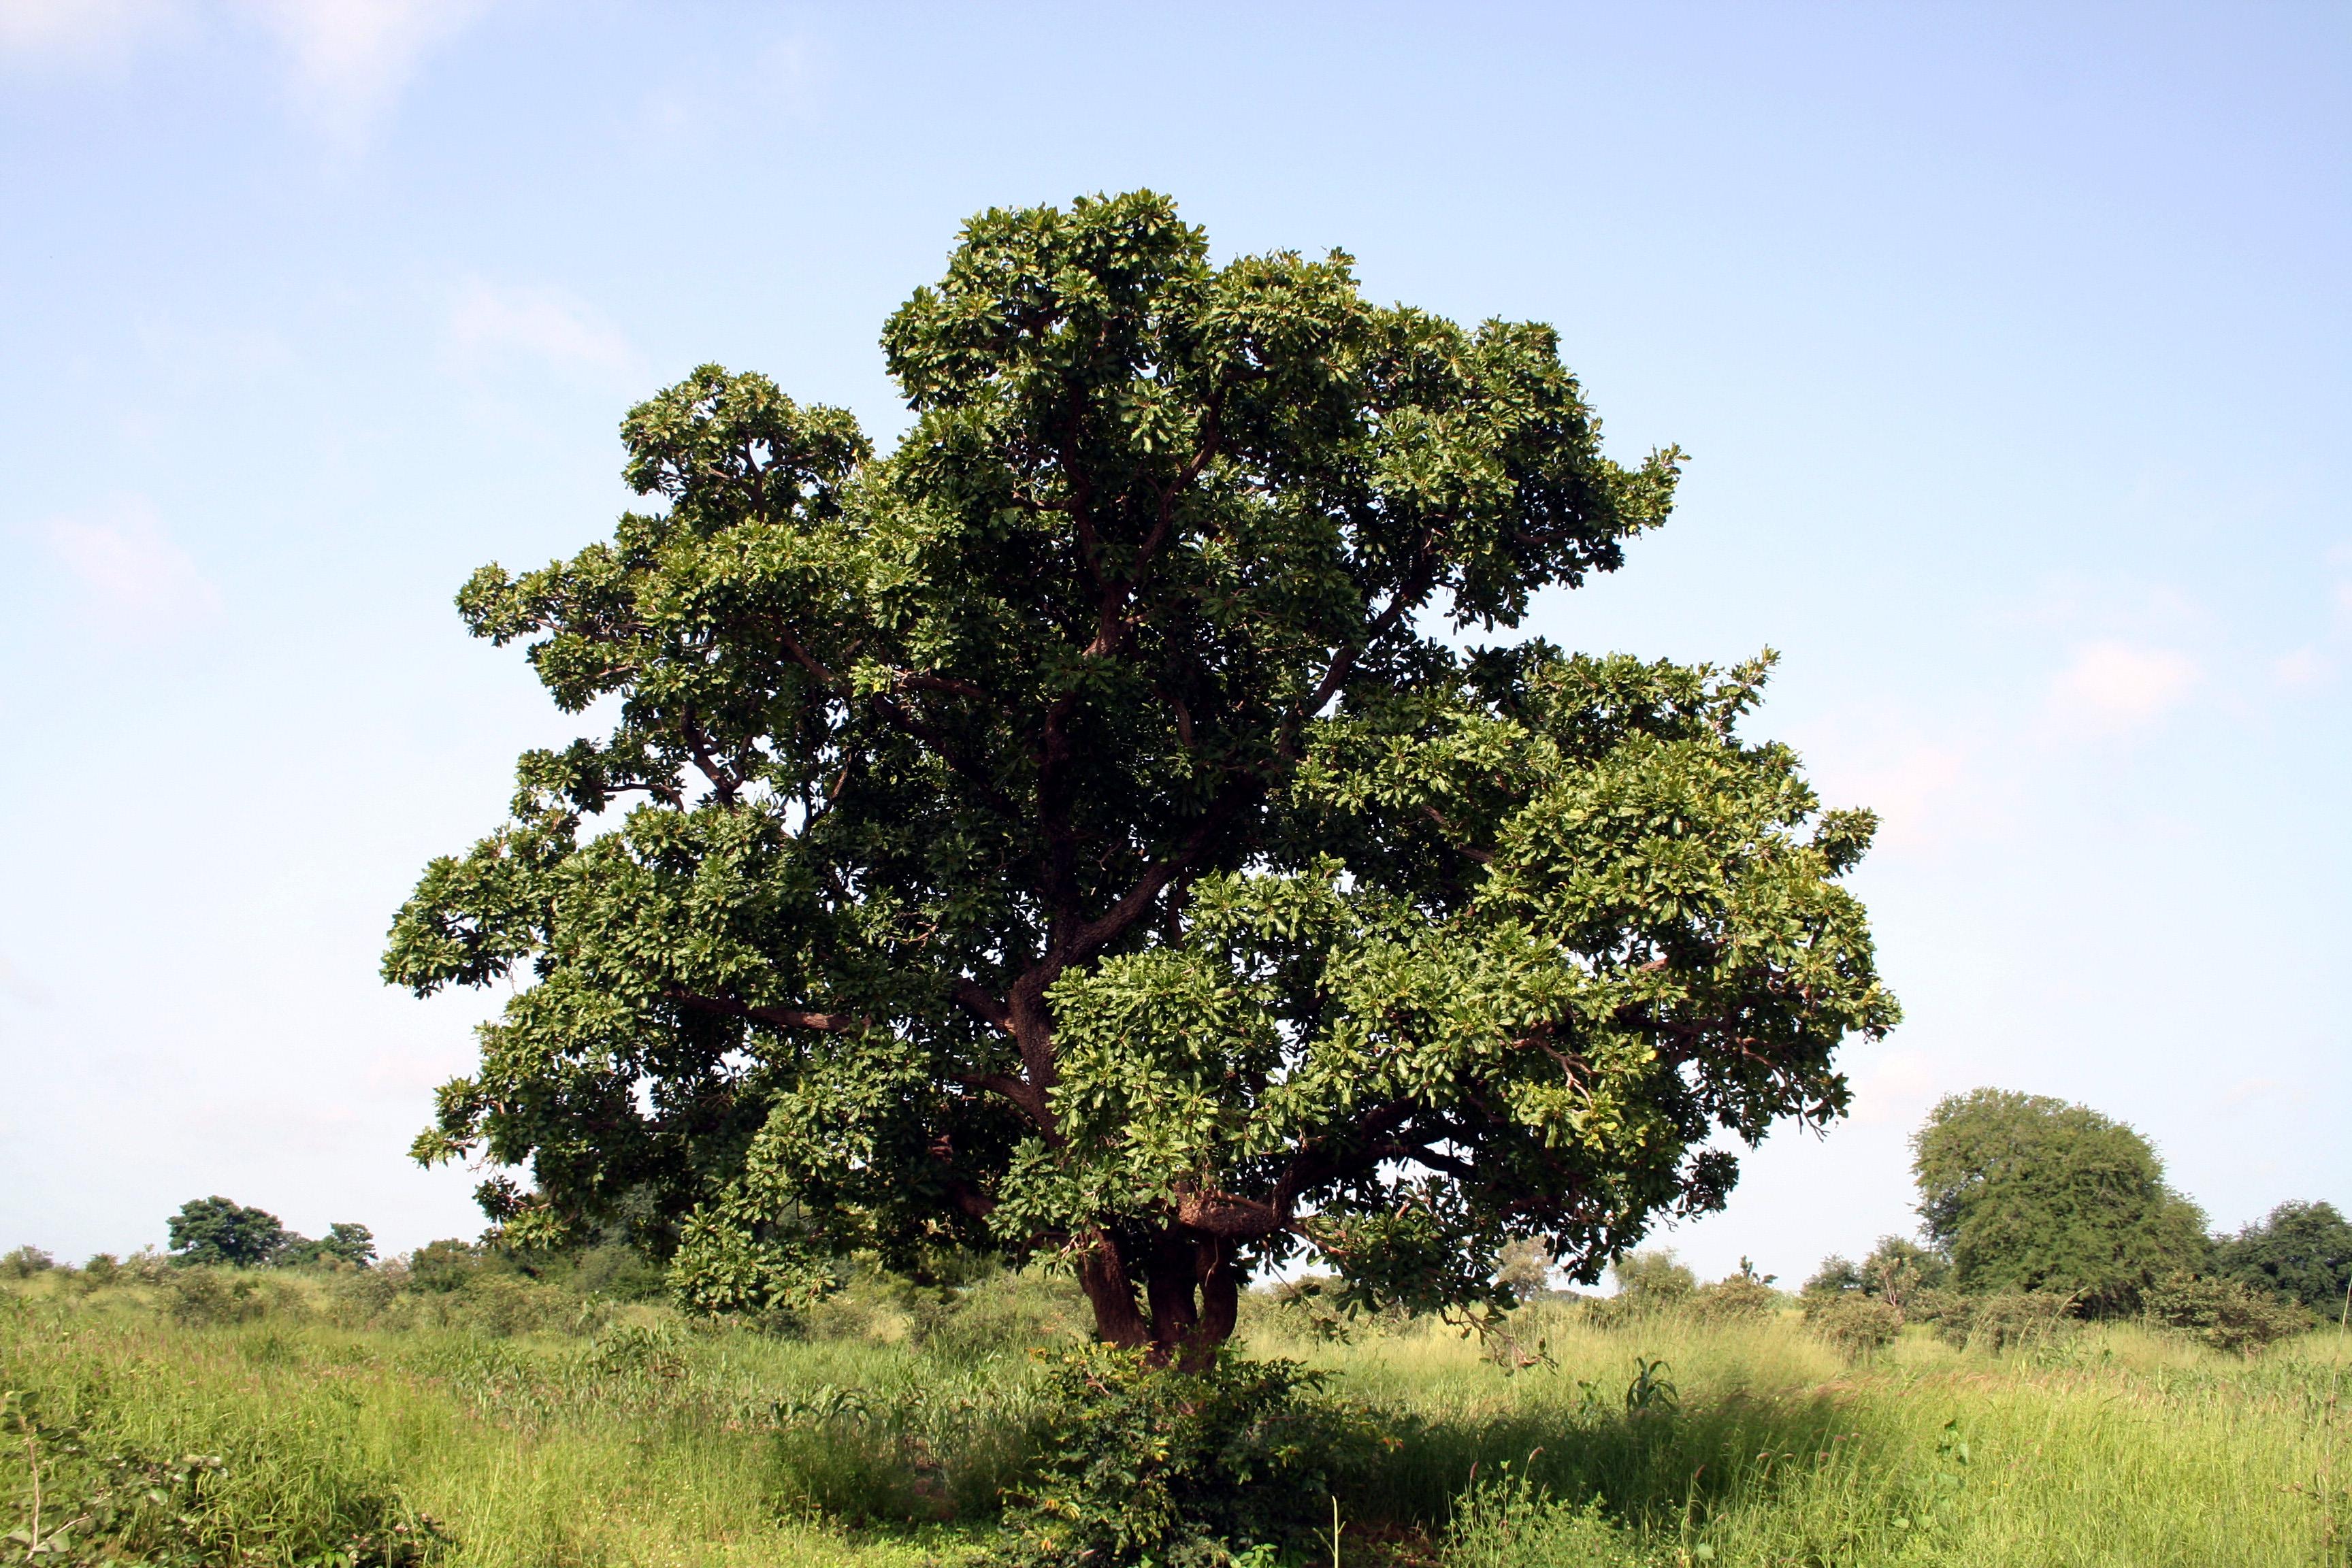 Ein Karitébaum, der auch Afrikanischer Butterbaum genannt wird, in einer afrikanischen Savanne. Aus den Nüssen dieser Bäume wird ein als Sheabutter bezeichnetes Pflanzenfett gewonnen.